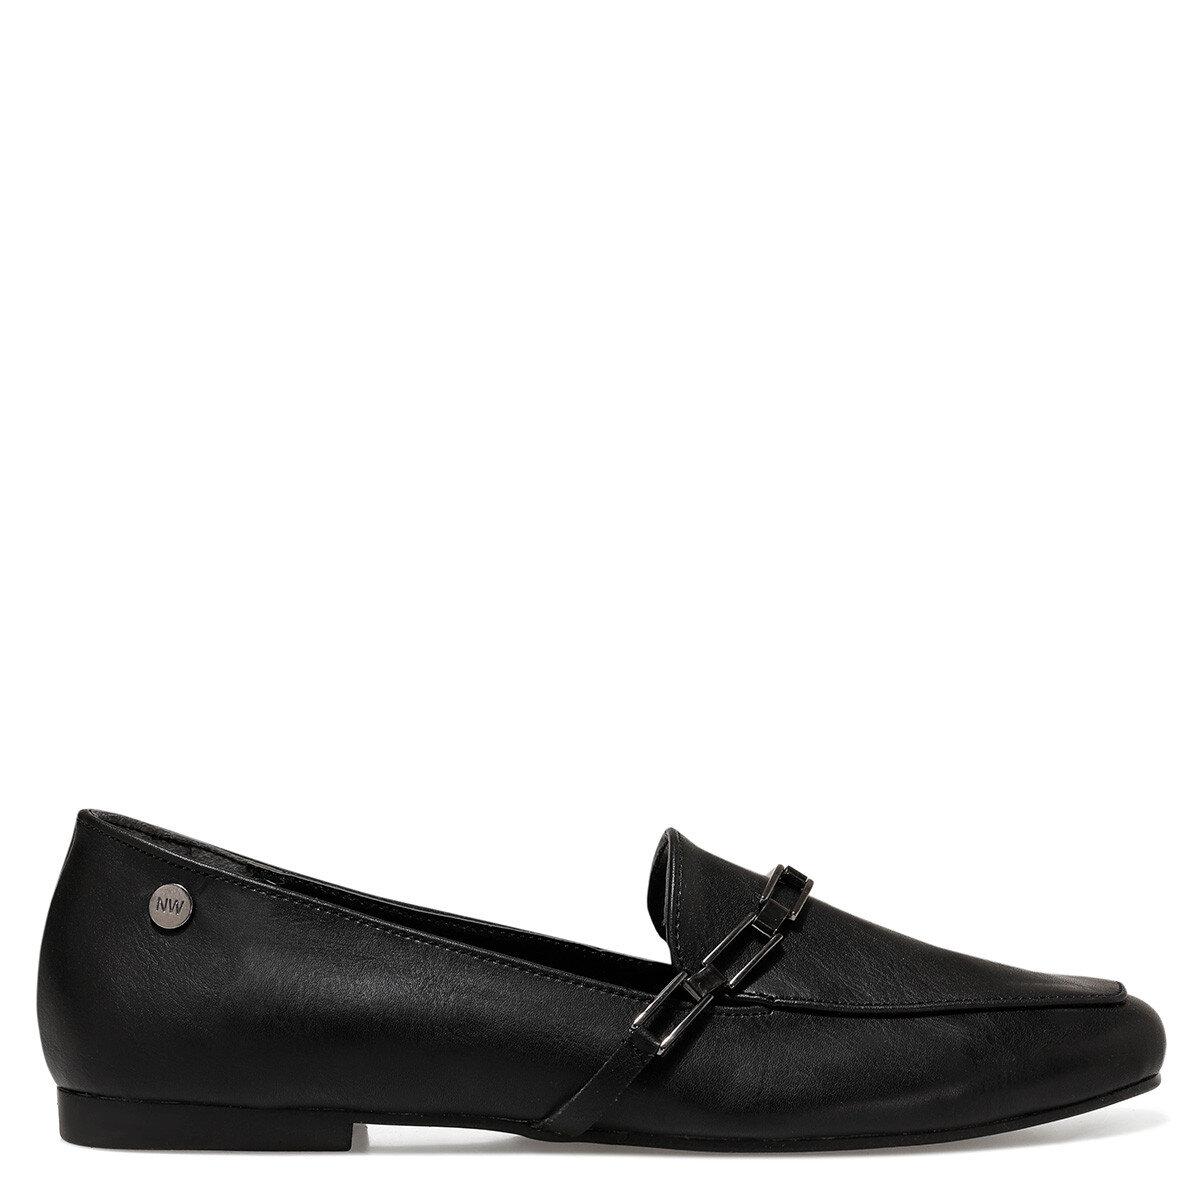 GENDAR Siyah Kadın Loafer Ayakkabı